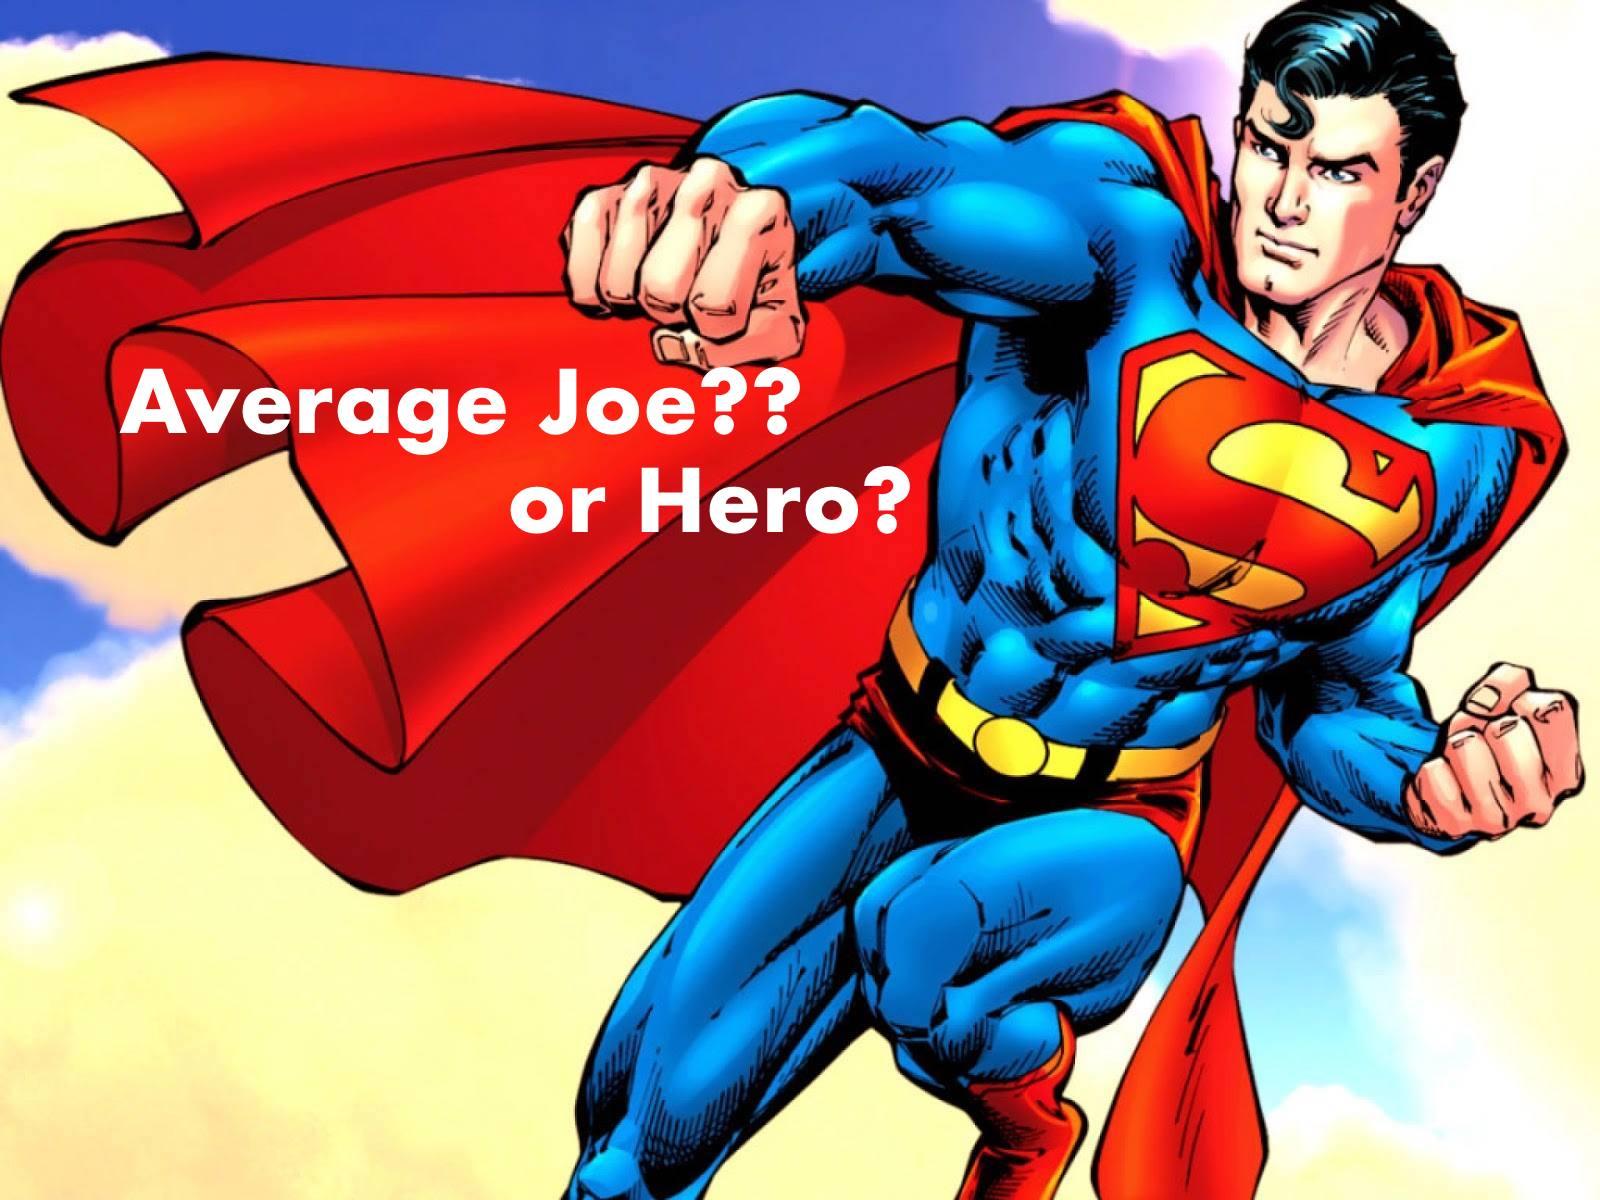 avg joe or hero.jpg